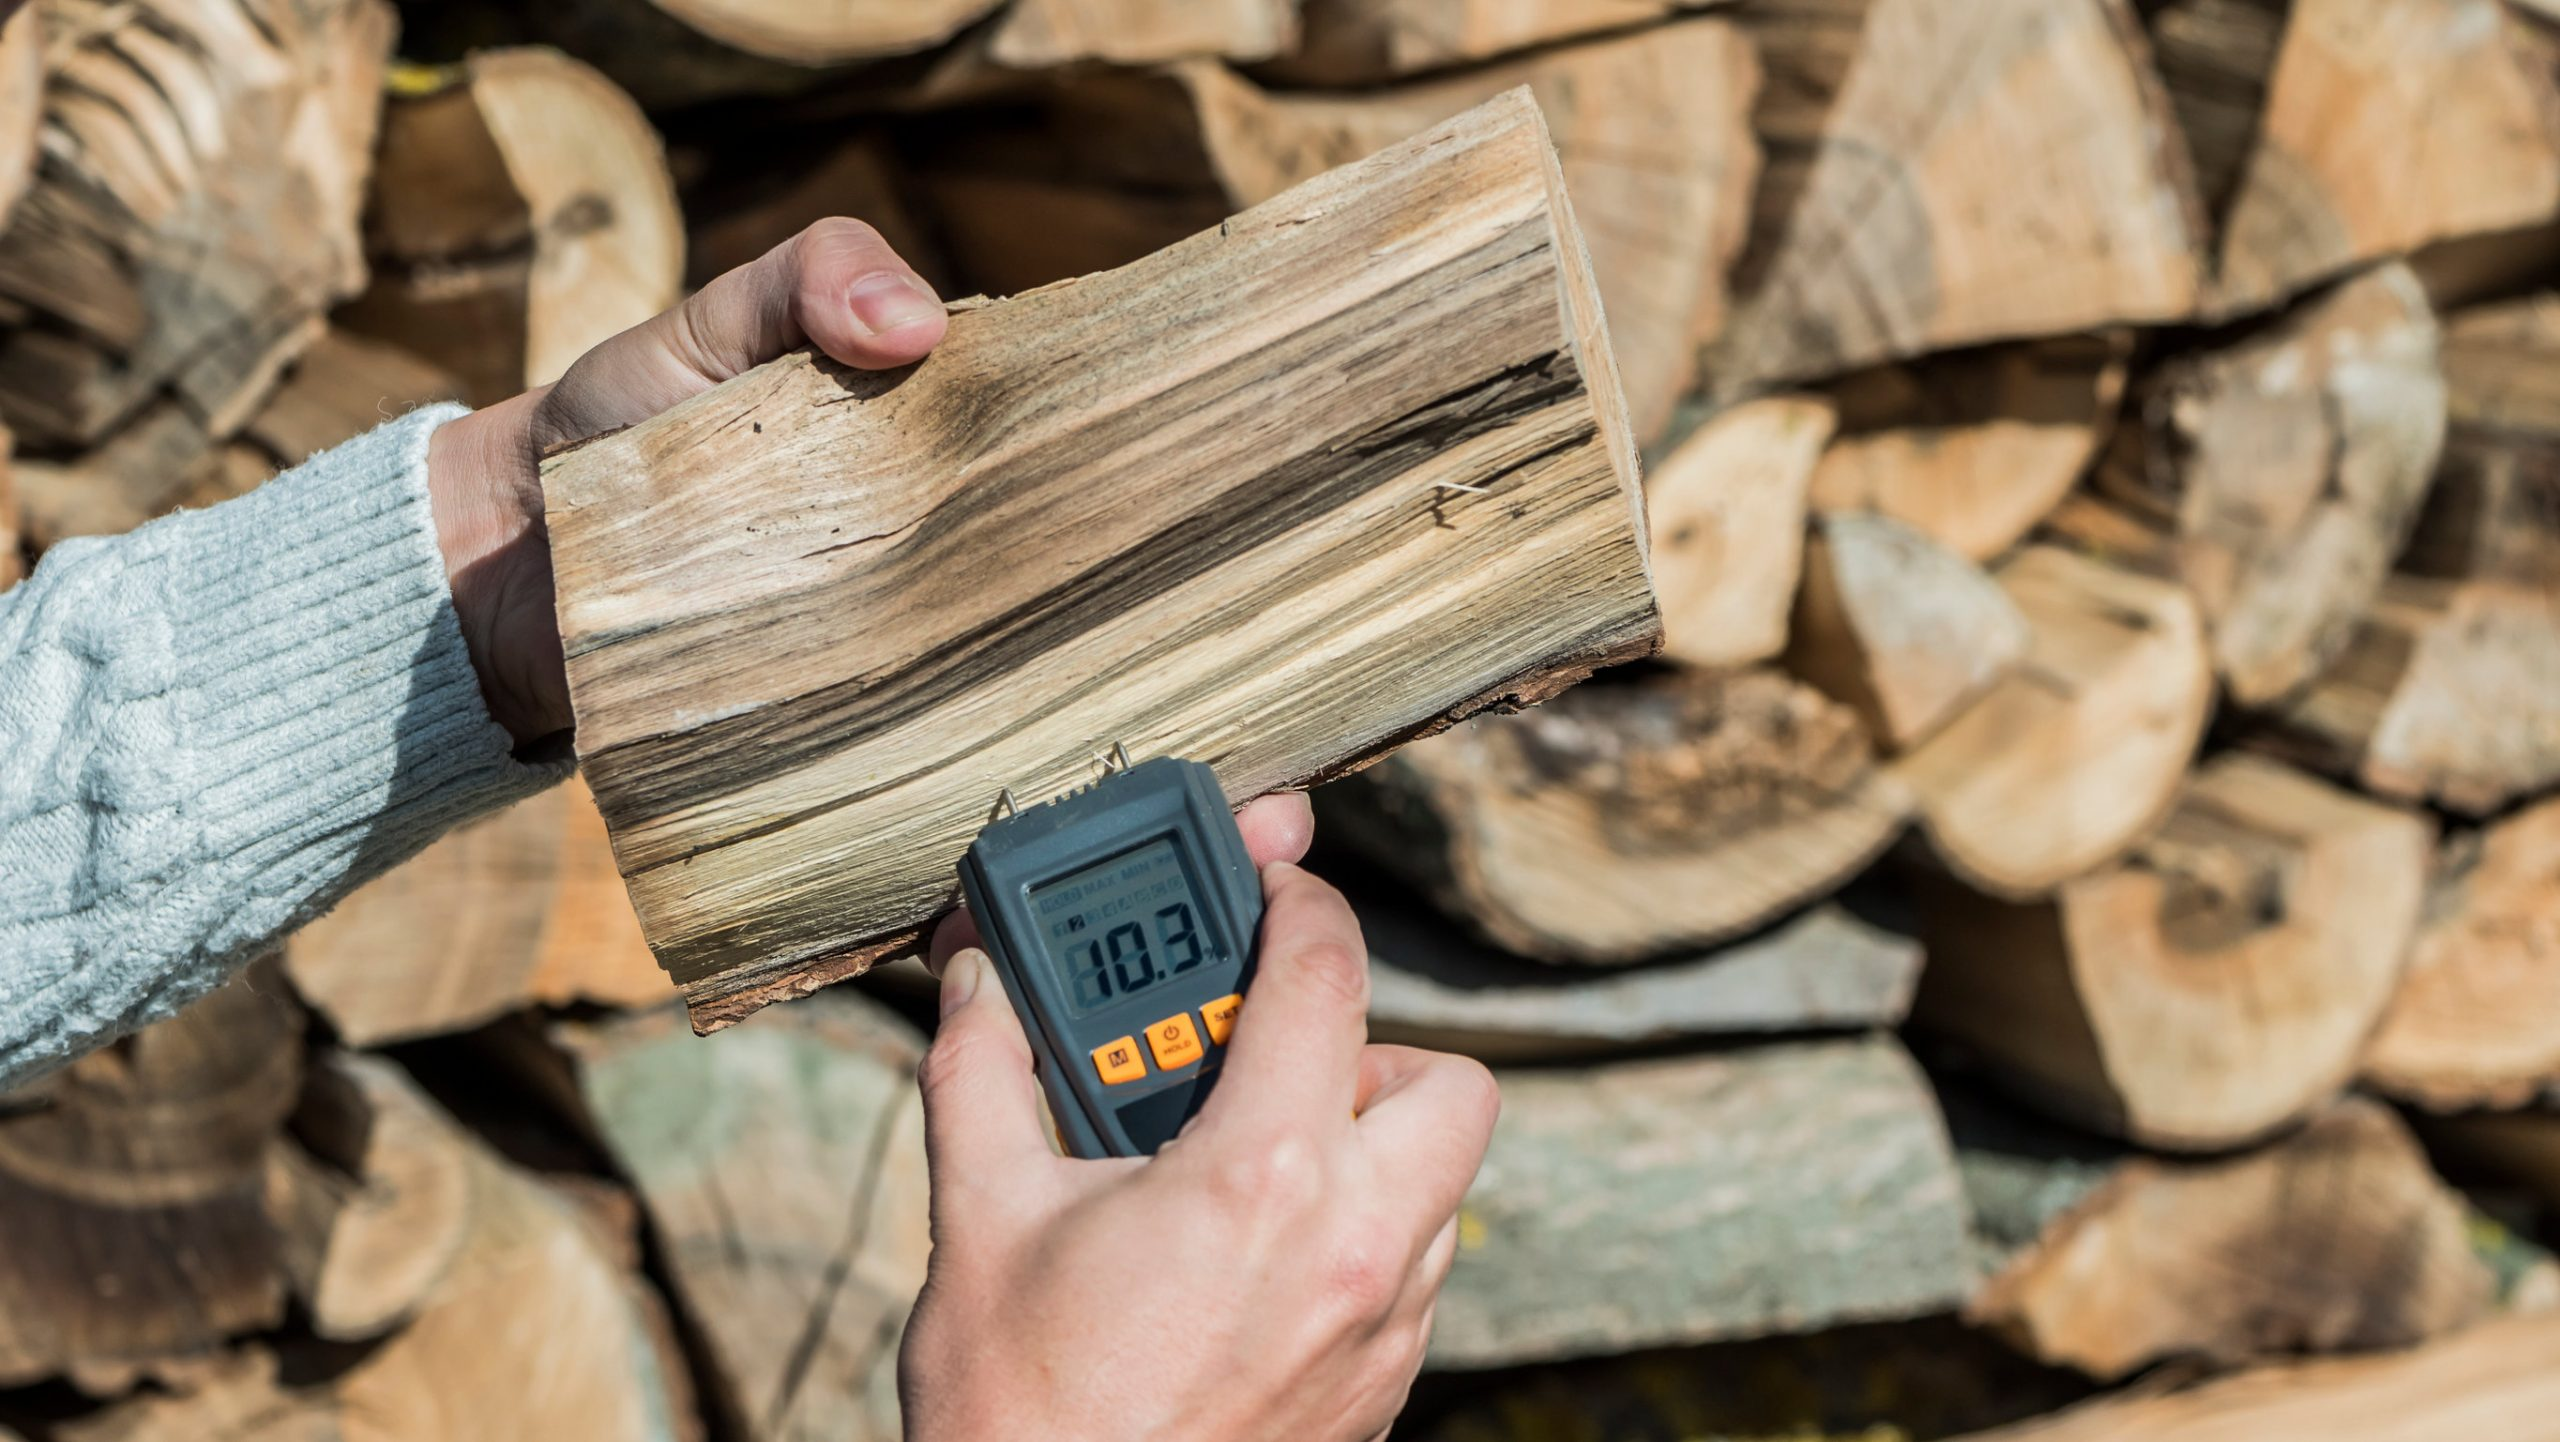 Persona midiendo humedad de madera